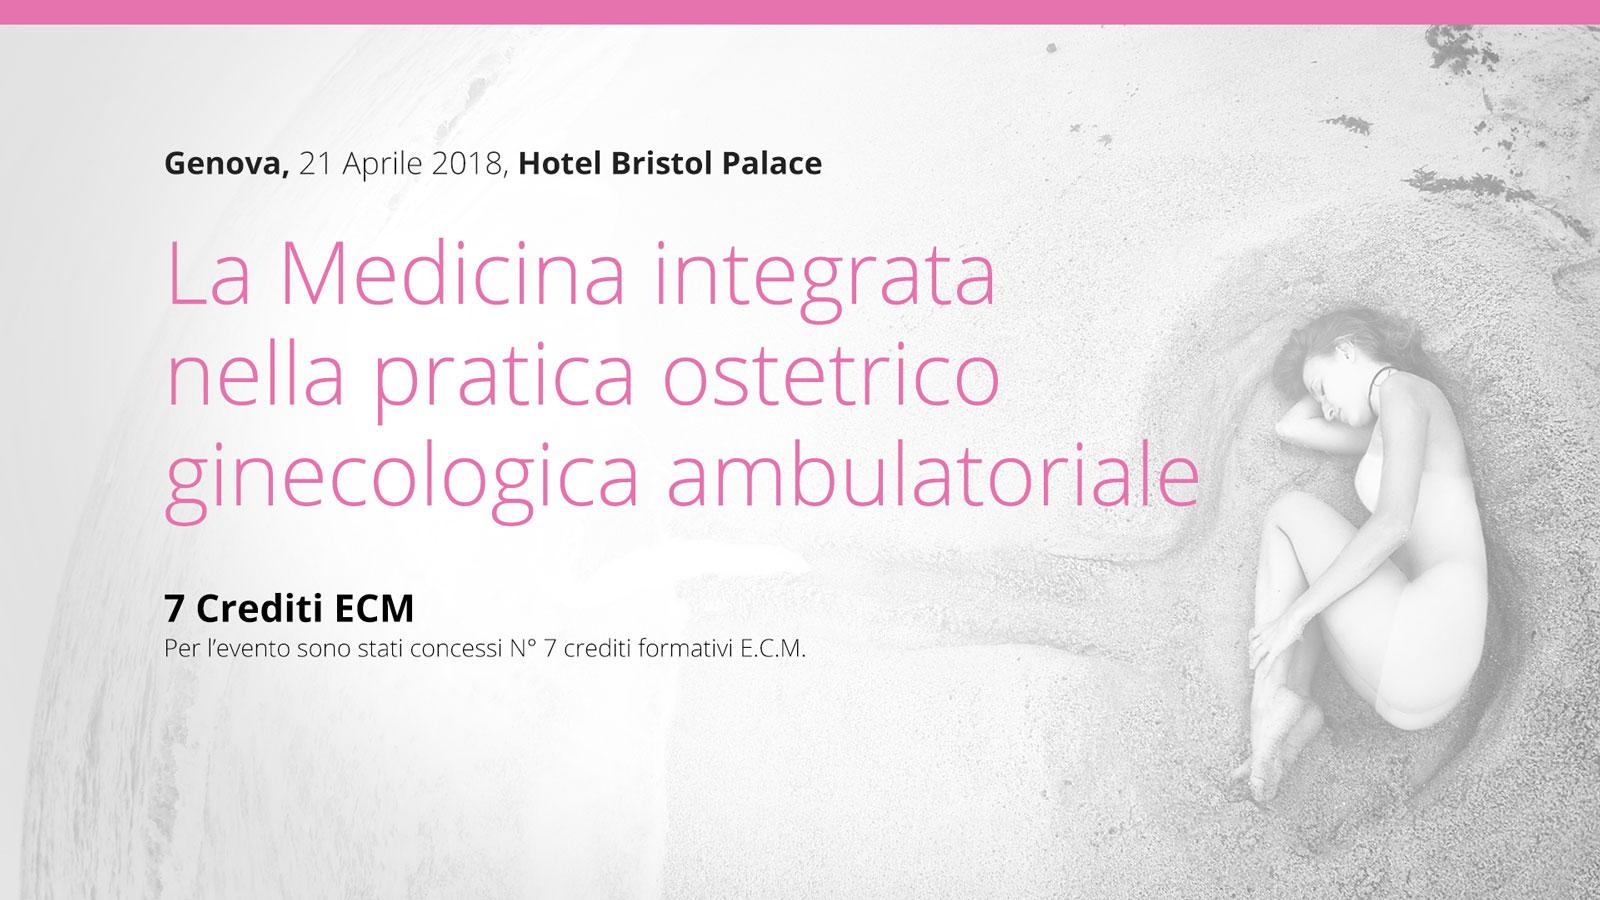 Genova, 21 Aprile: La Medicina integrata nella pratica ostetrico ginecologica ambulatoriale